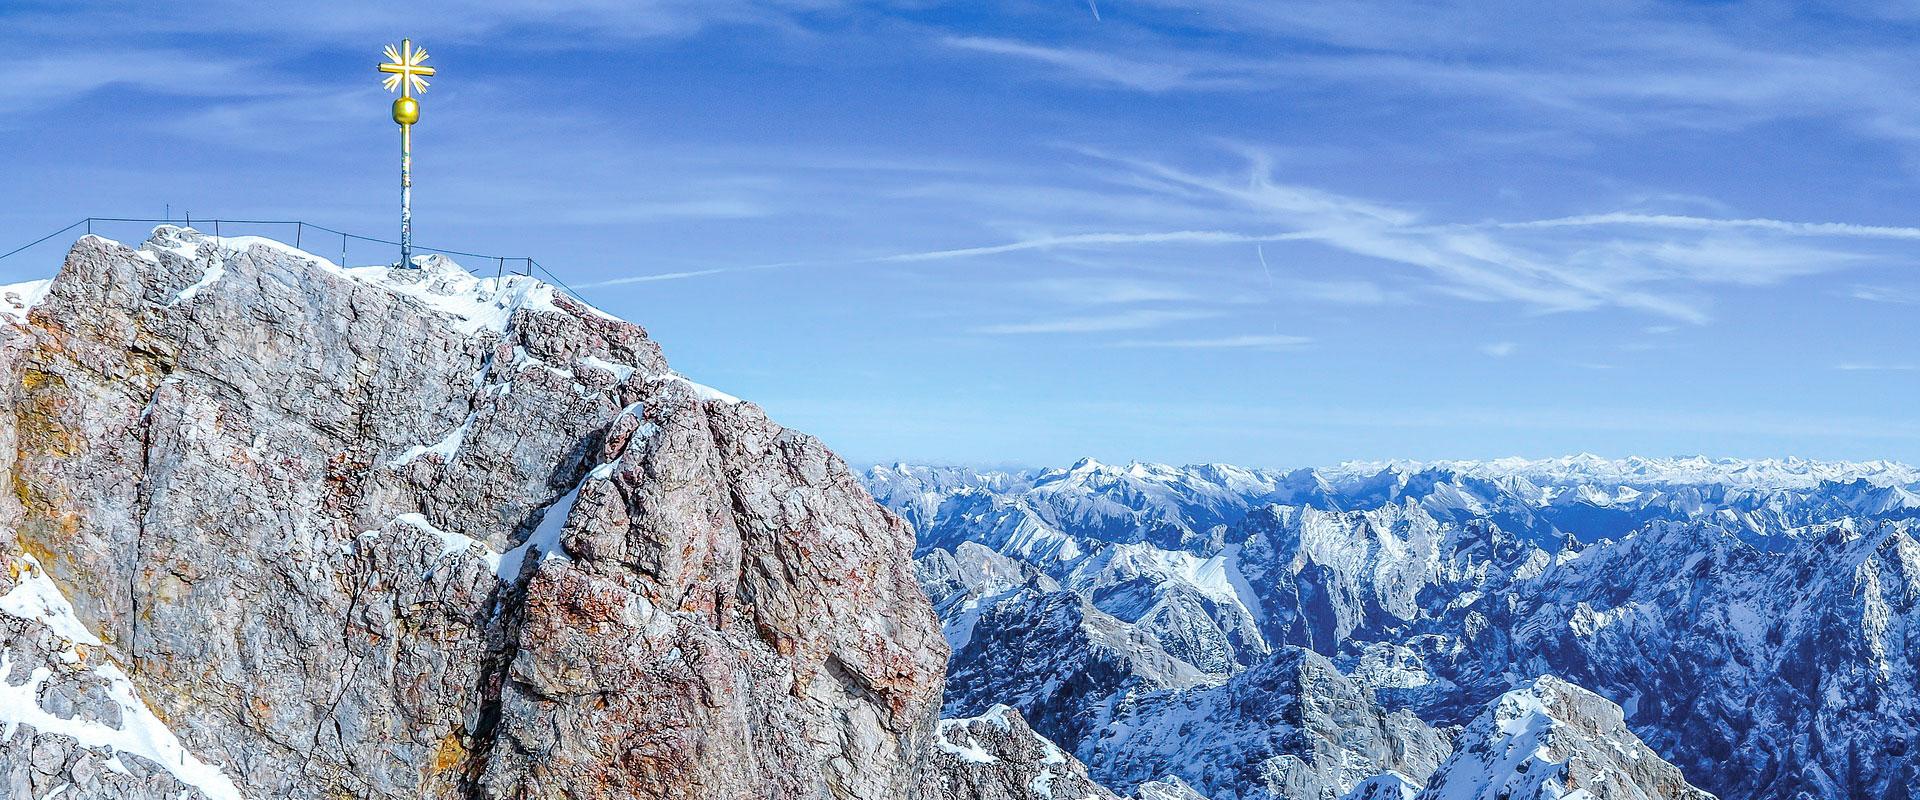 Die höchste Erhebung der Alpen in Deutschland ist die Zugspitze (2962 m)